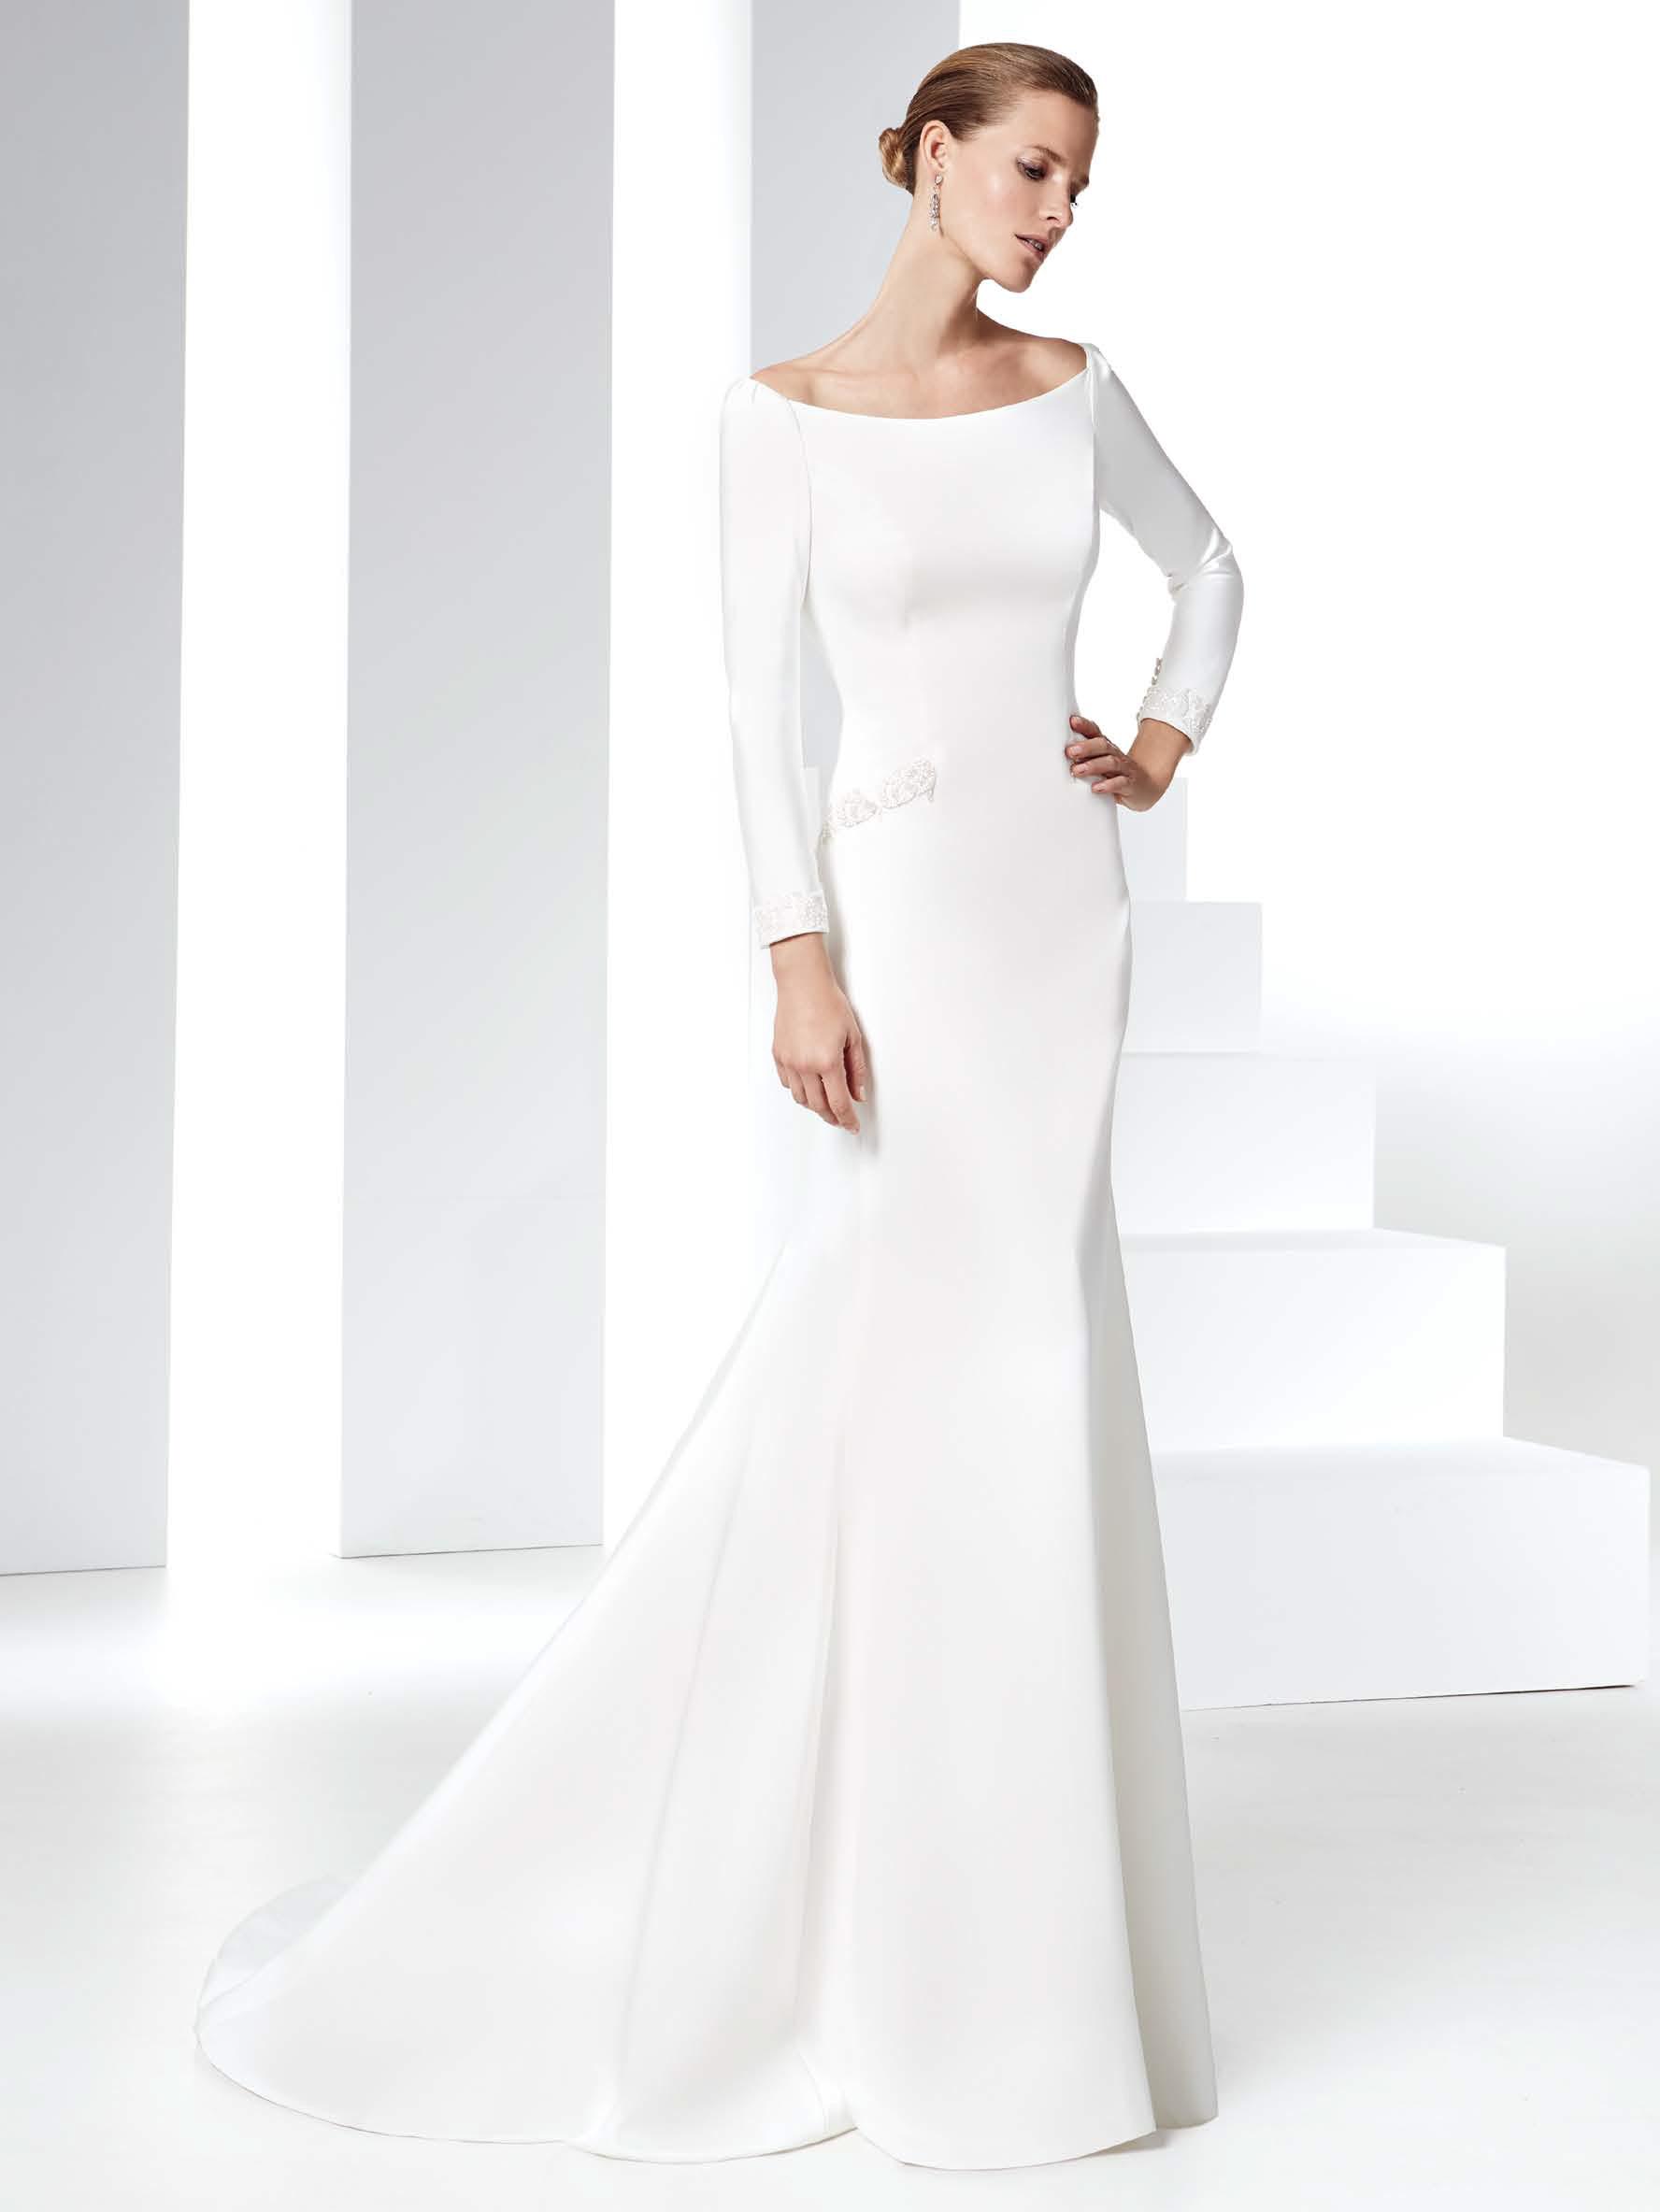 Maniche lunghe vestiti sposa 2016 esempio Raimon Bundo. Le maniche lunghe  come trend glamour degli abiti da ... b8bc77cd74c